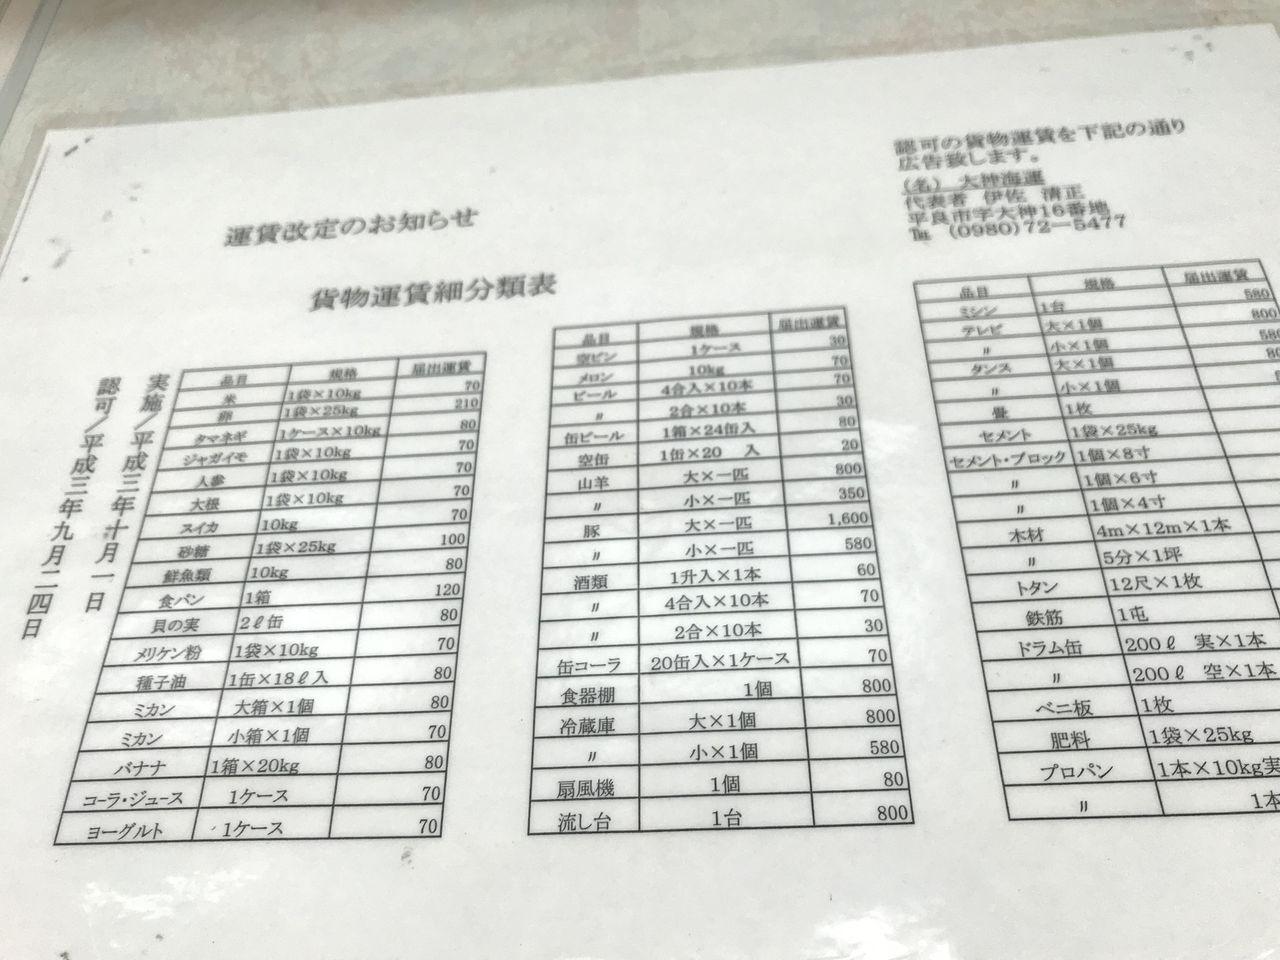 A69E2E5C-858C-4696-A5DF-4D831AD6F134